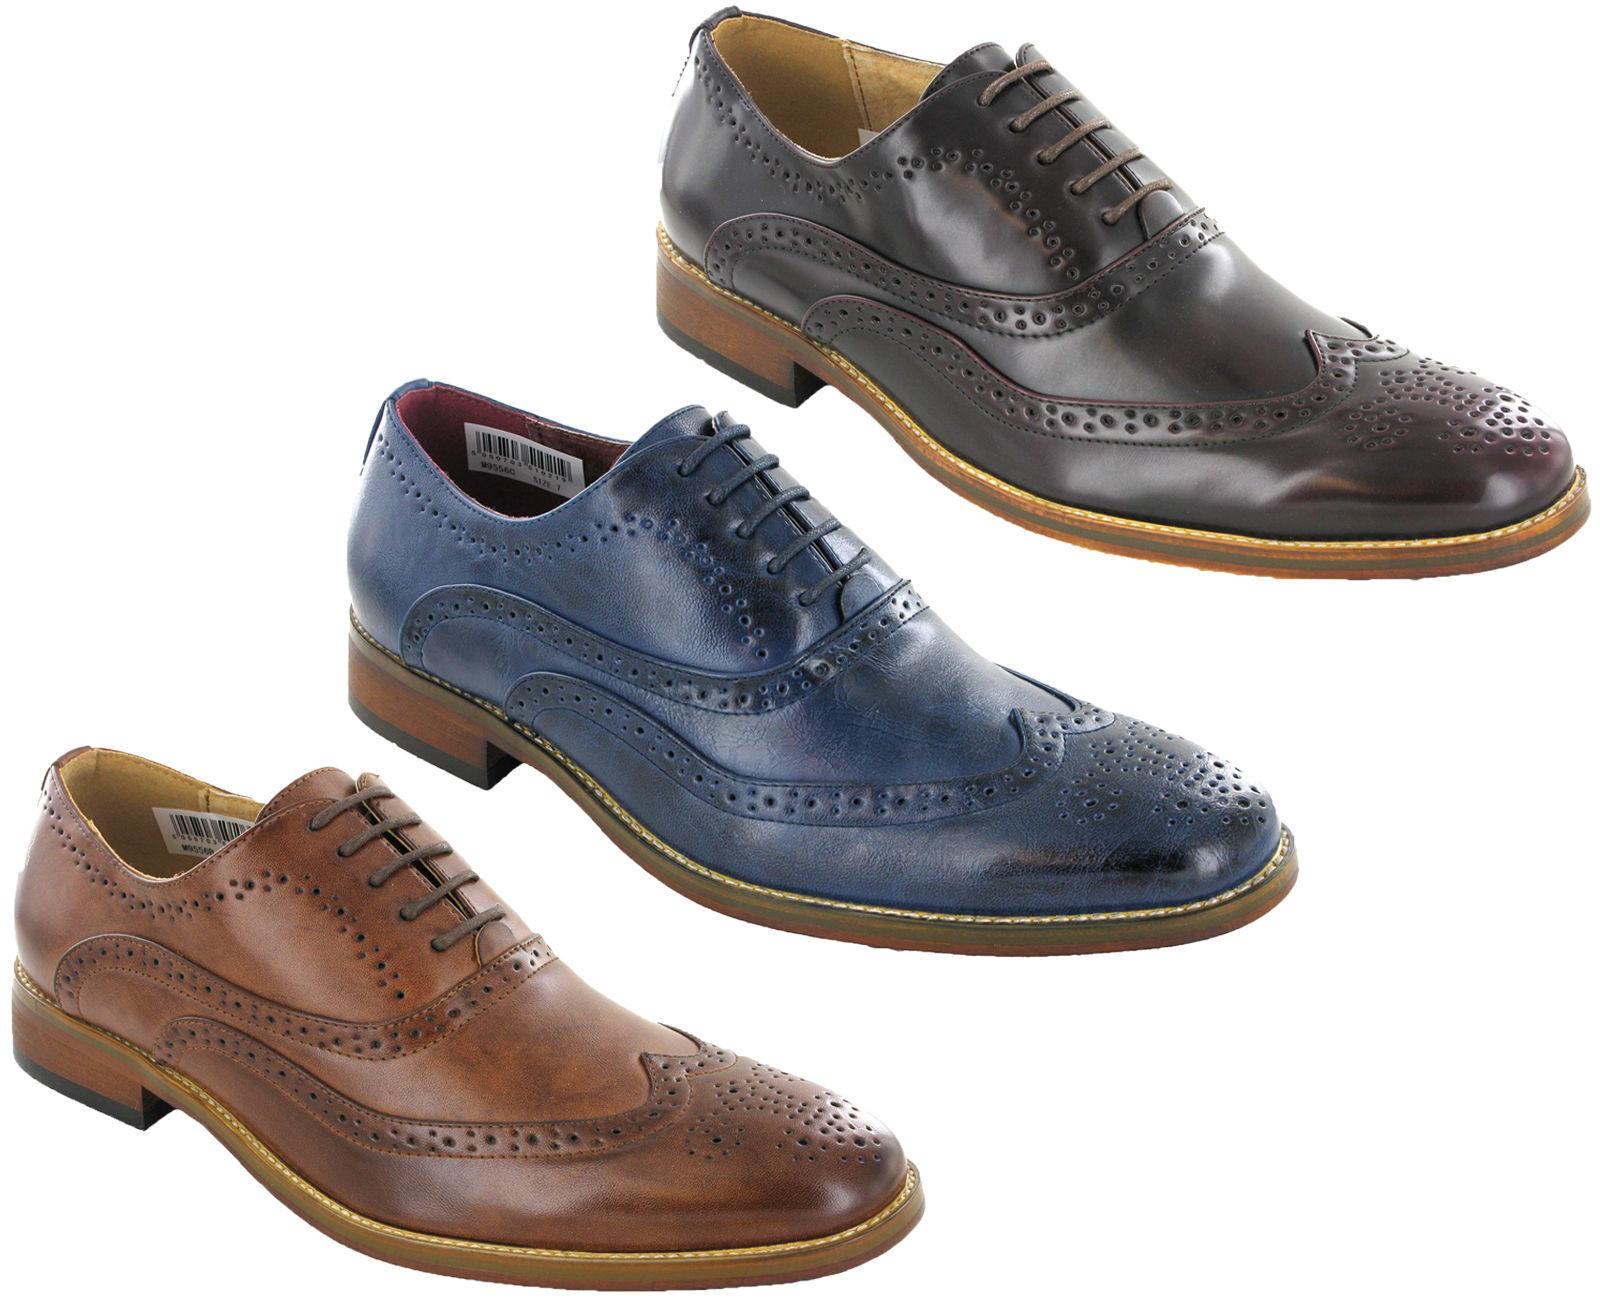 Goor shoes Francesine da men Fodera in pelle Ufficio Eleganti Lavgold con Lacci